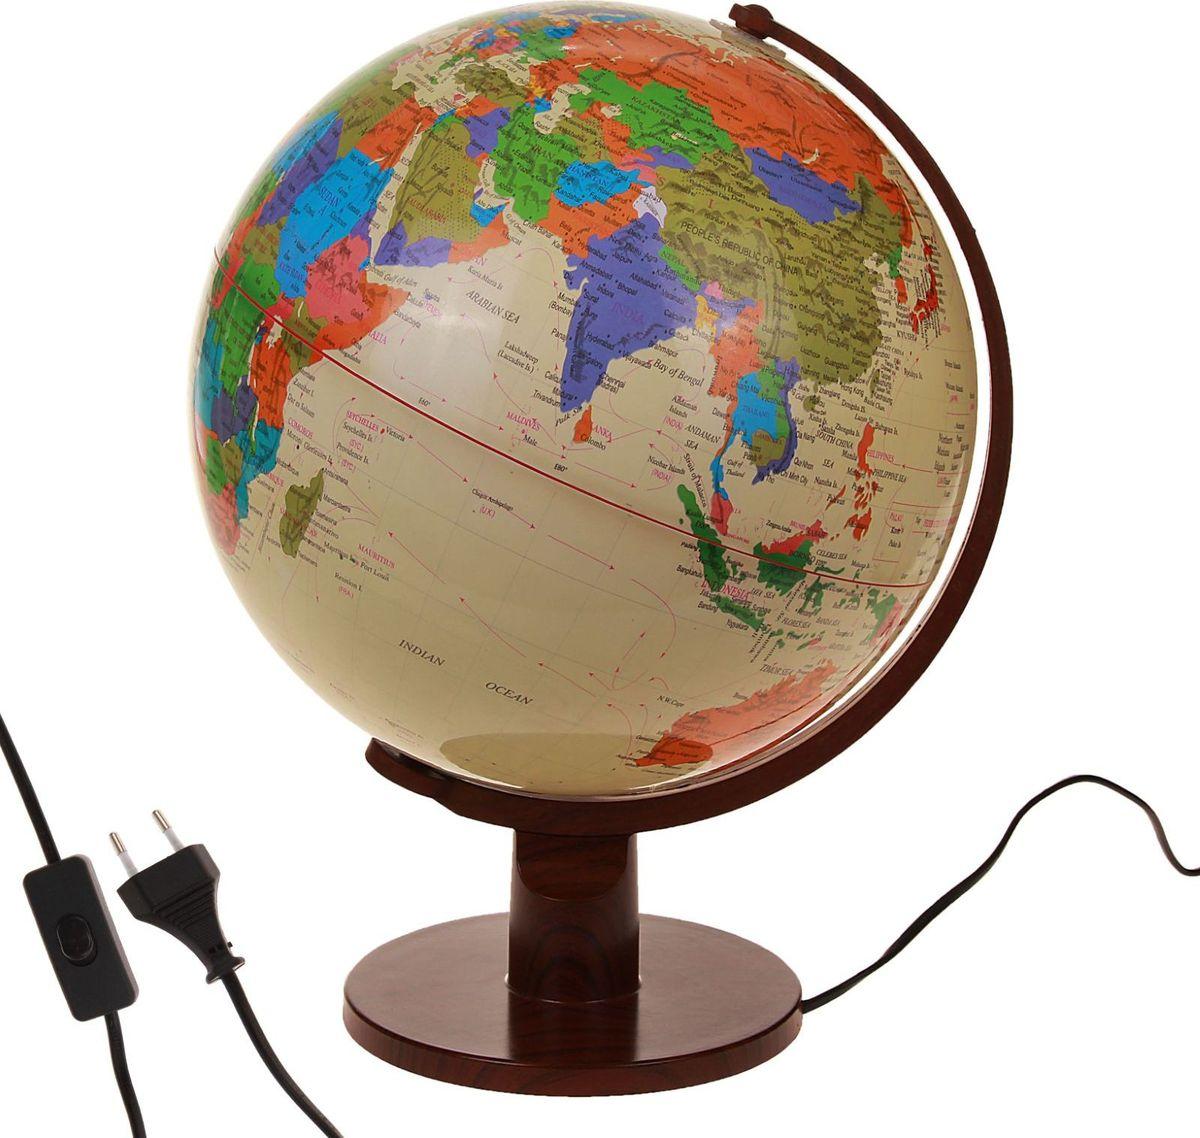 Глобус Политическая карта на английском языке диаметр 32 см глобус политическая карта на английском языке диаметр 33 см